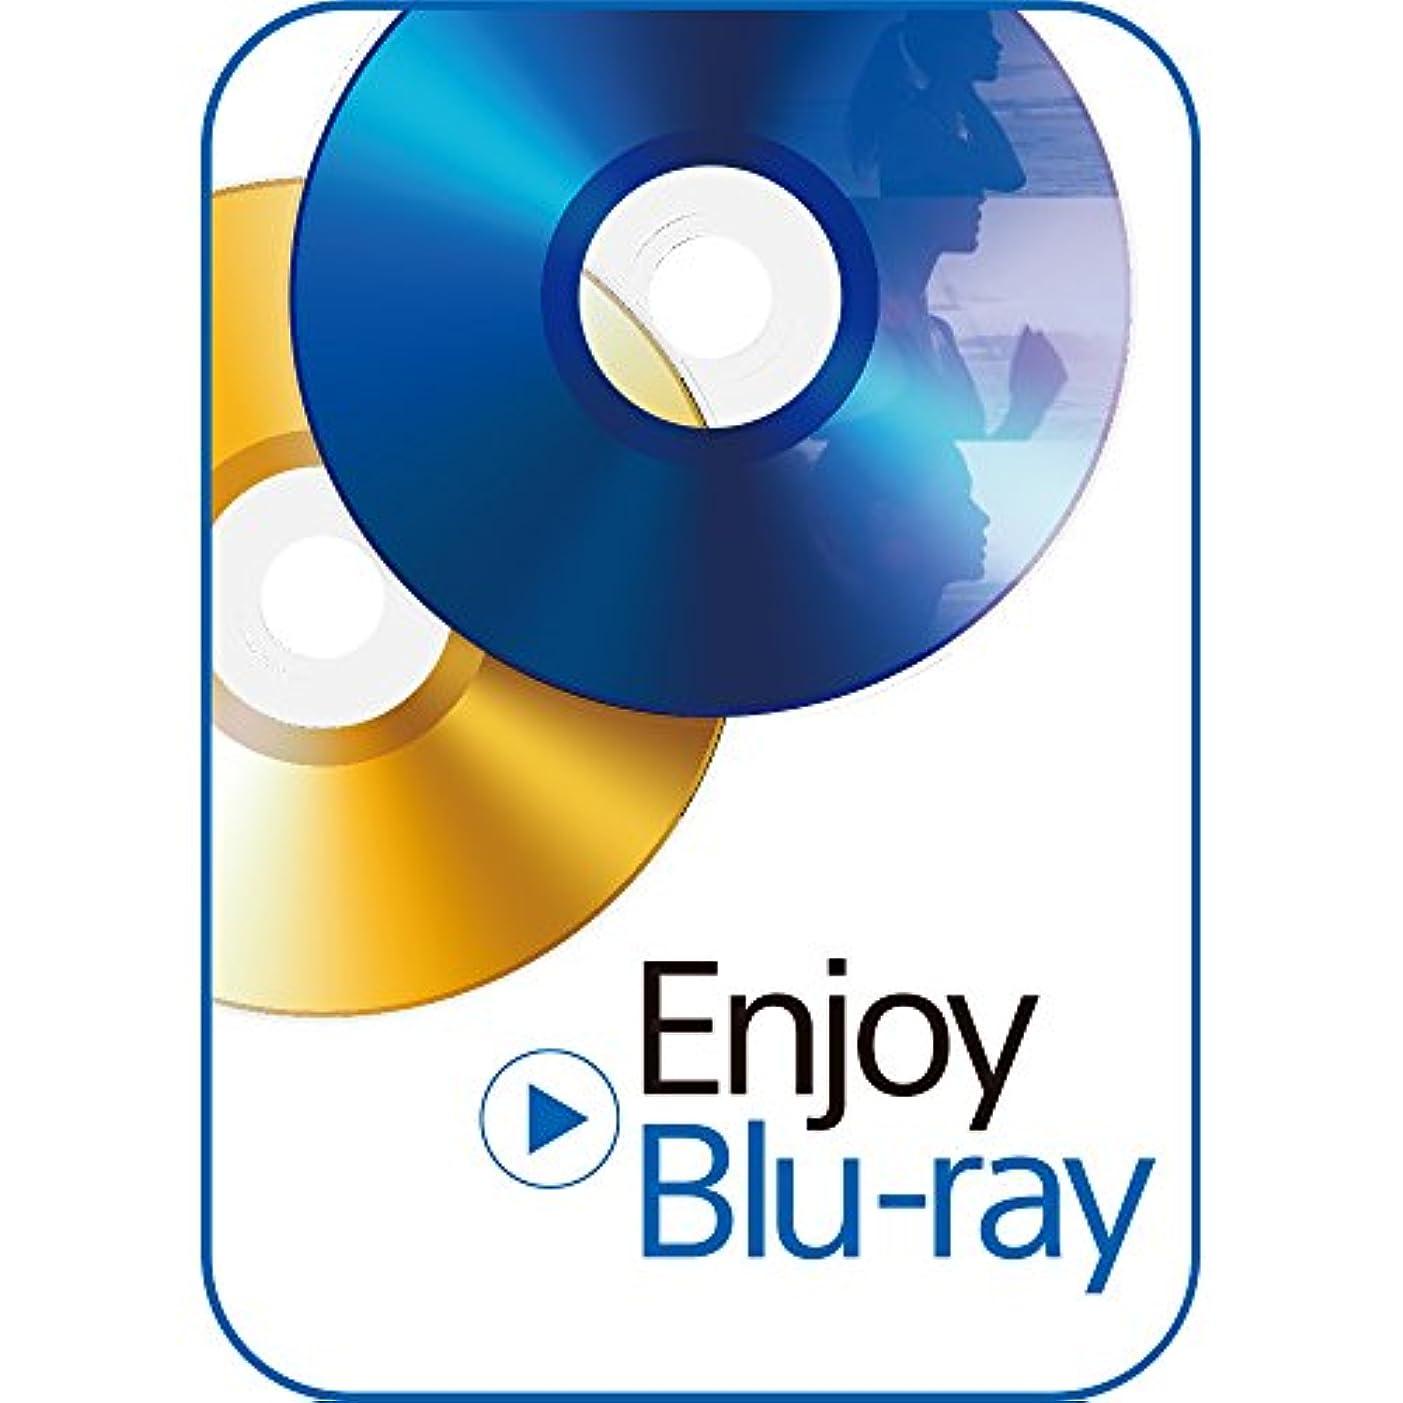 リース国鳥Enjoy Blu-ray |ダウンロード版